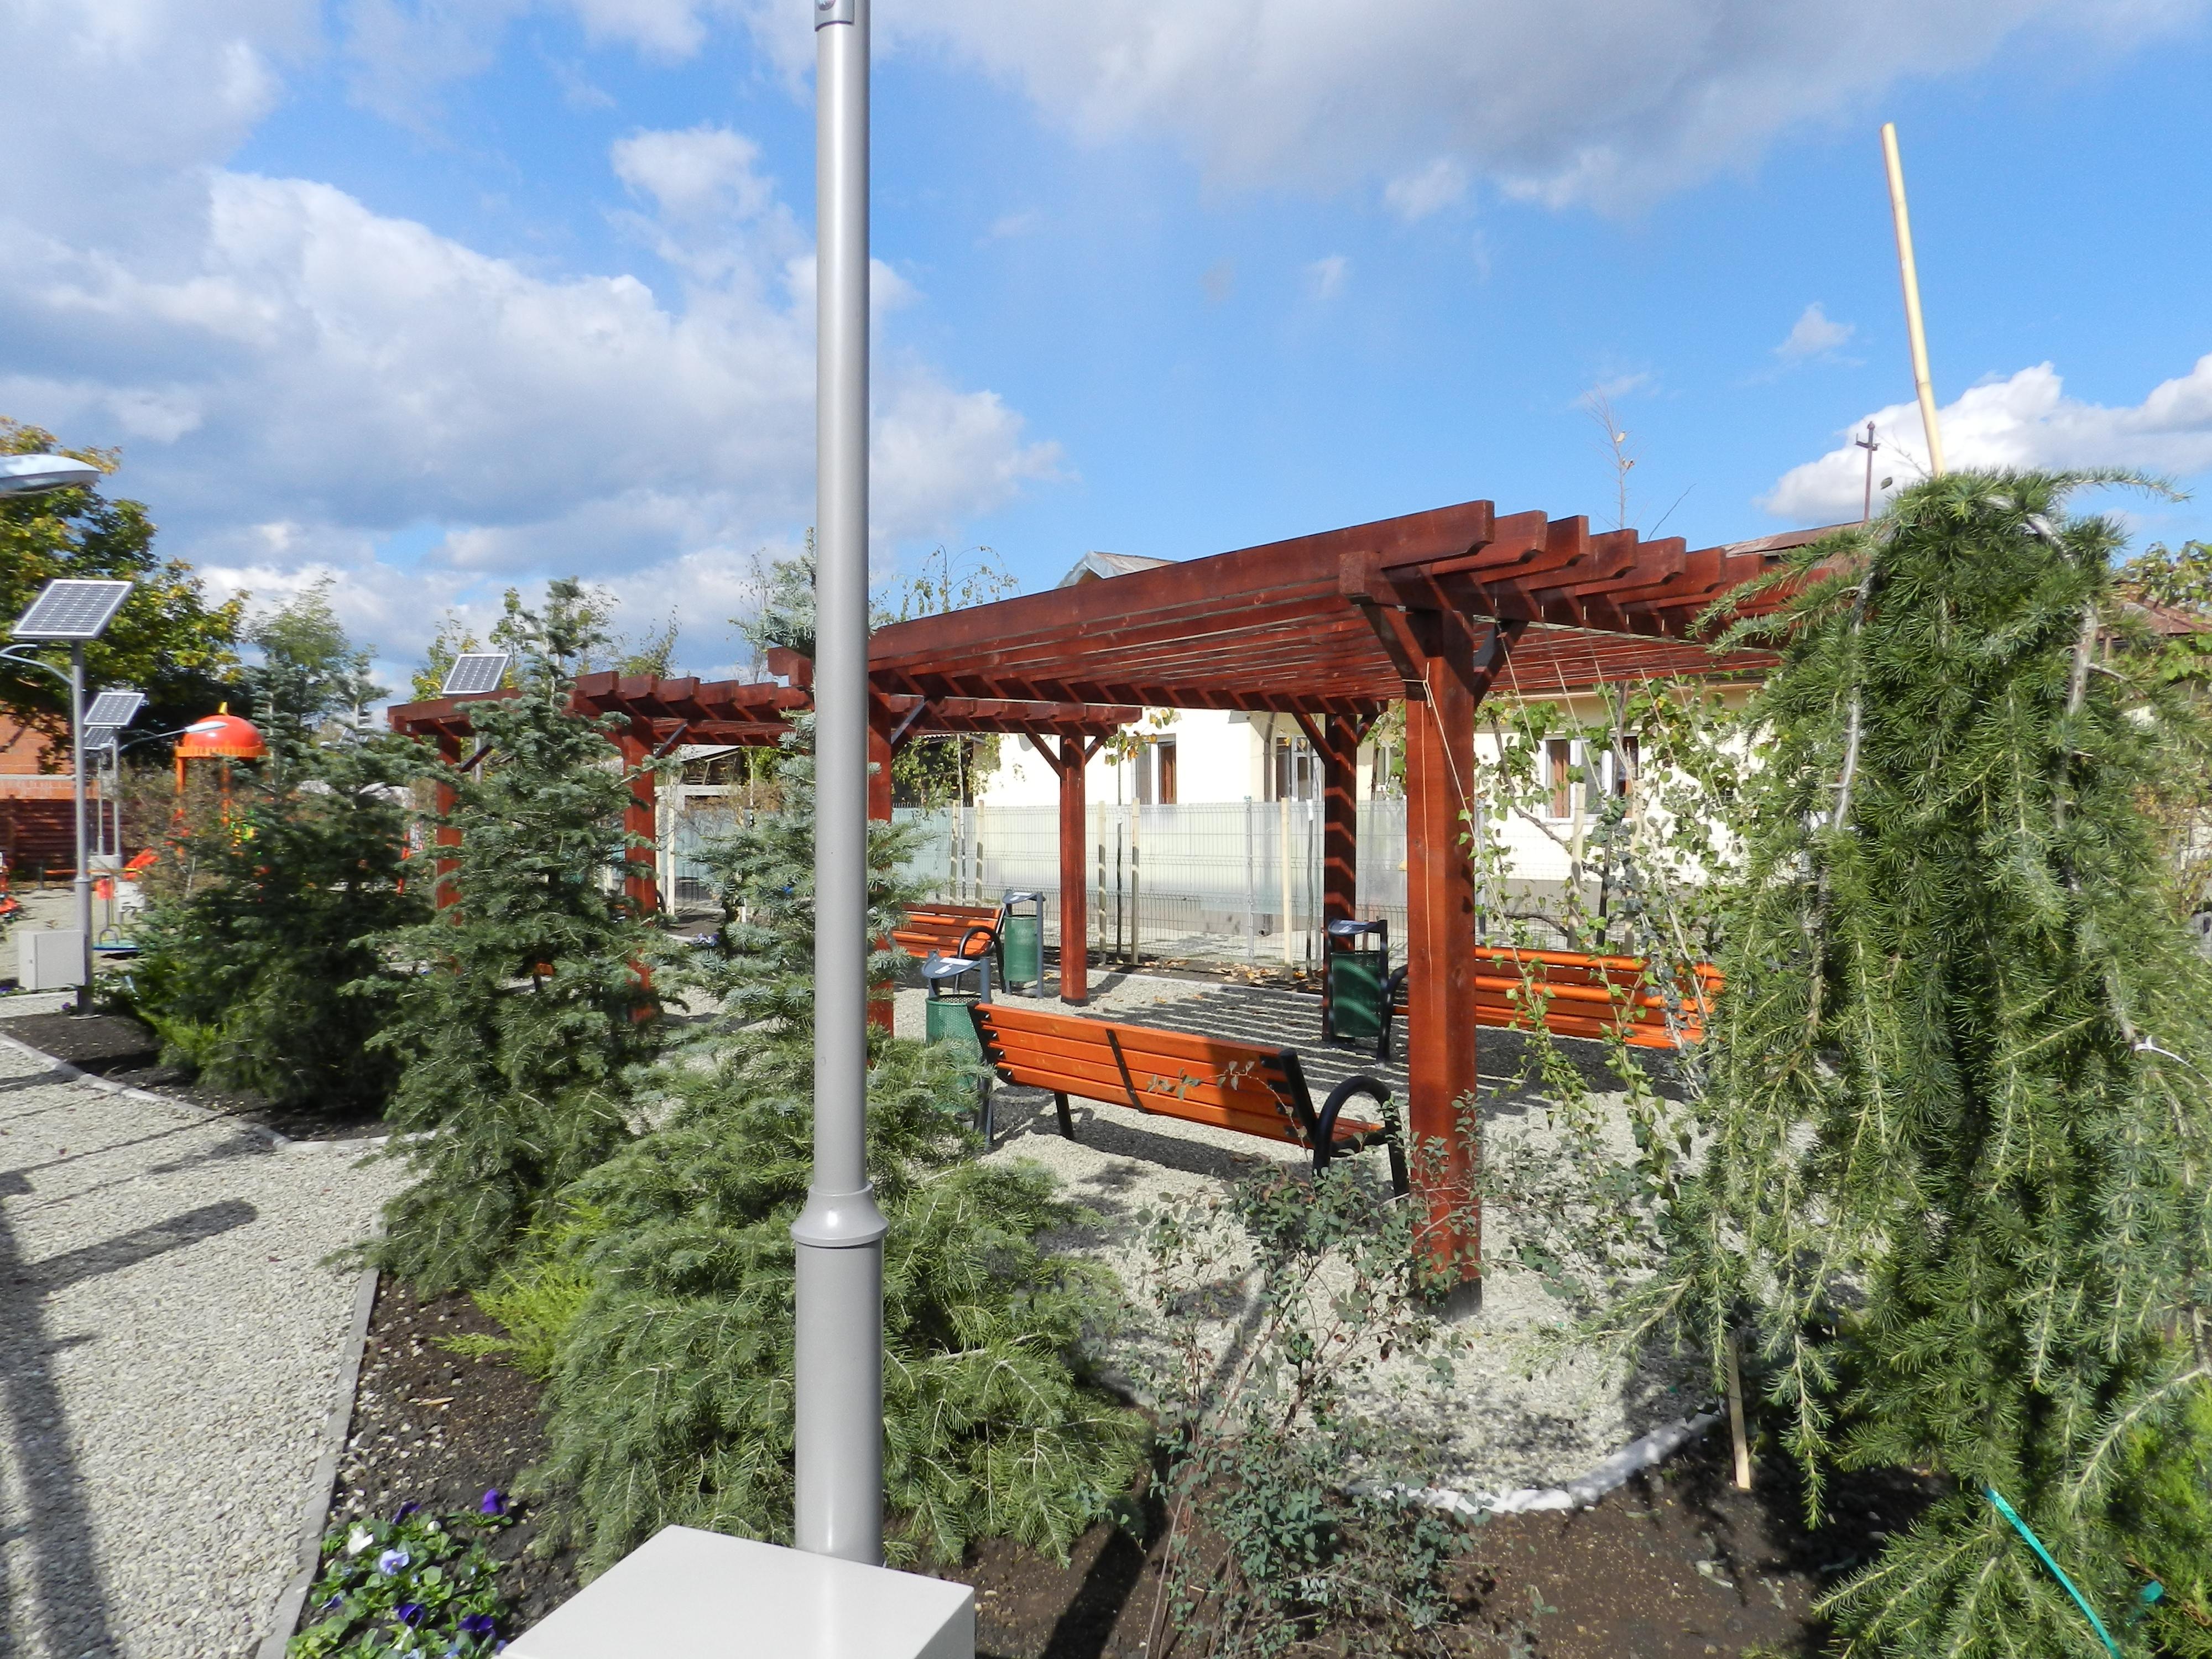 Proiectare ,amenajare,intretinere gradini si parcuri